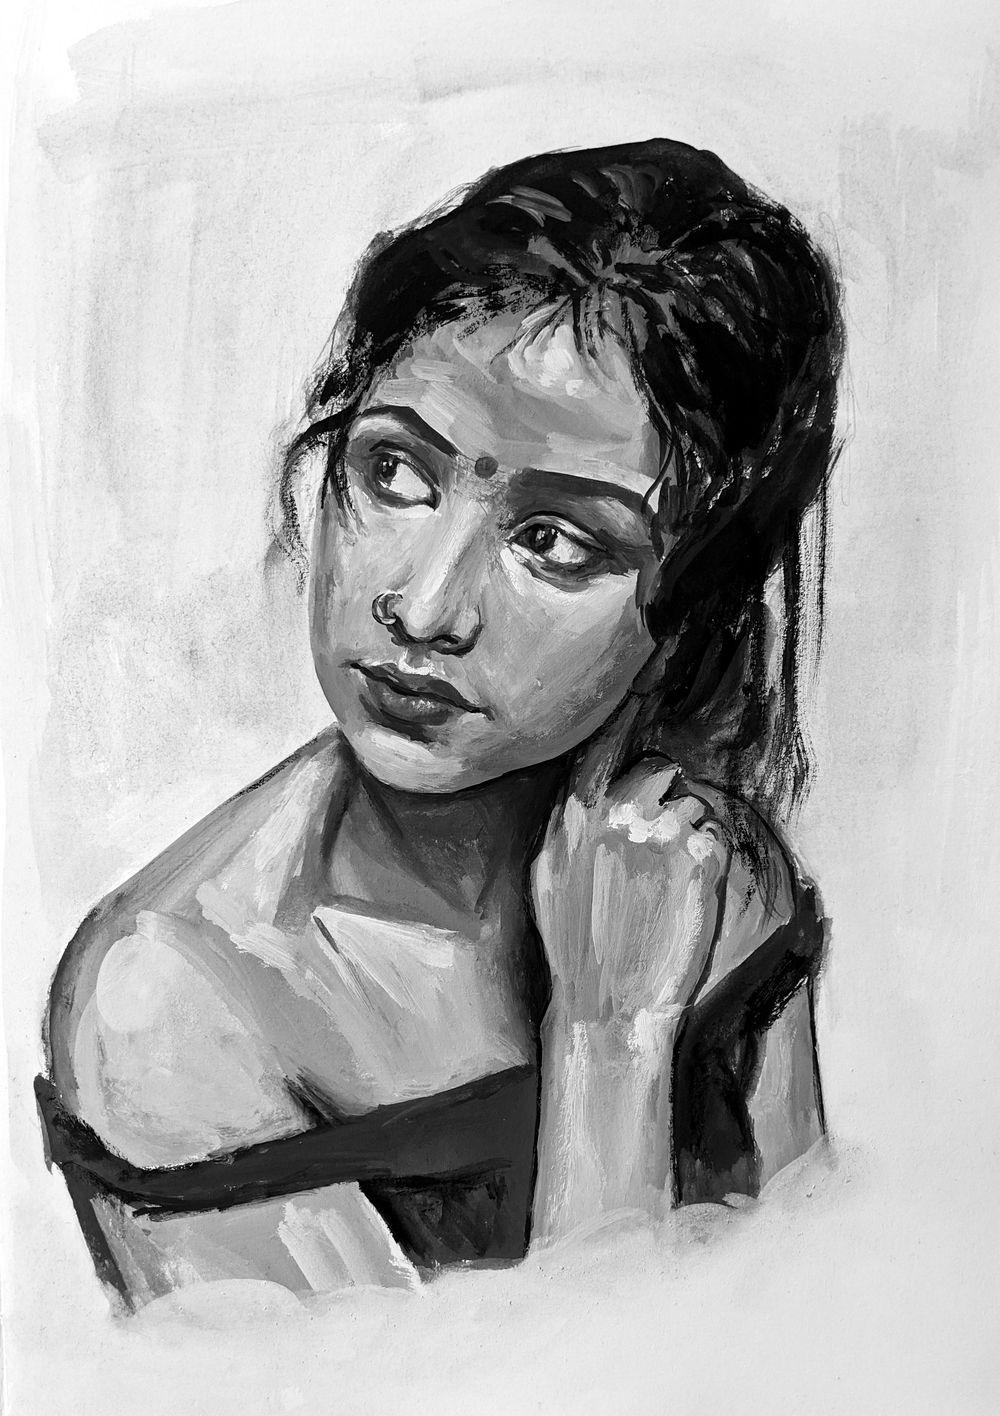 Monochrome Portrait - image 1 - student project